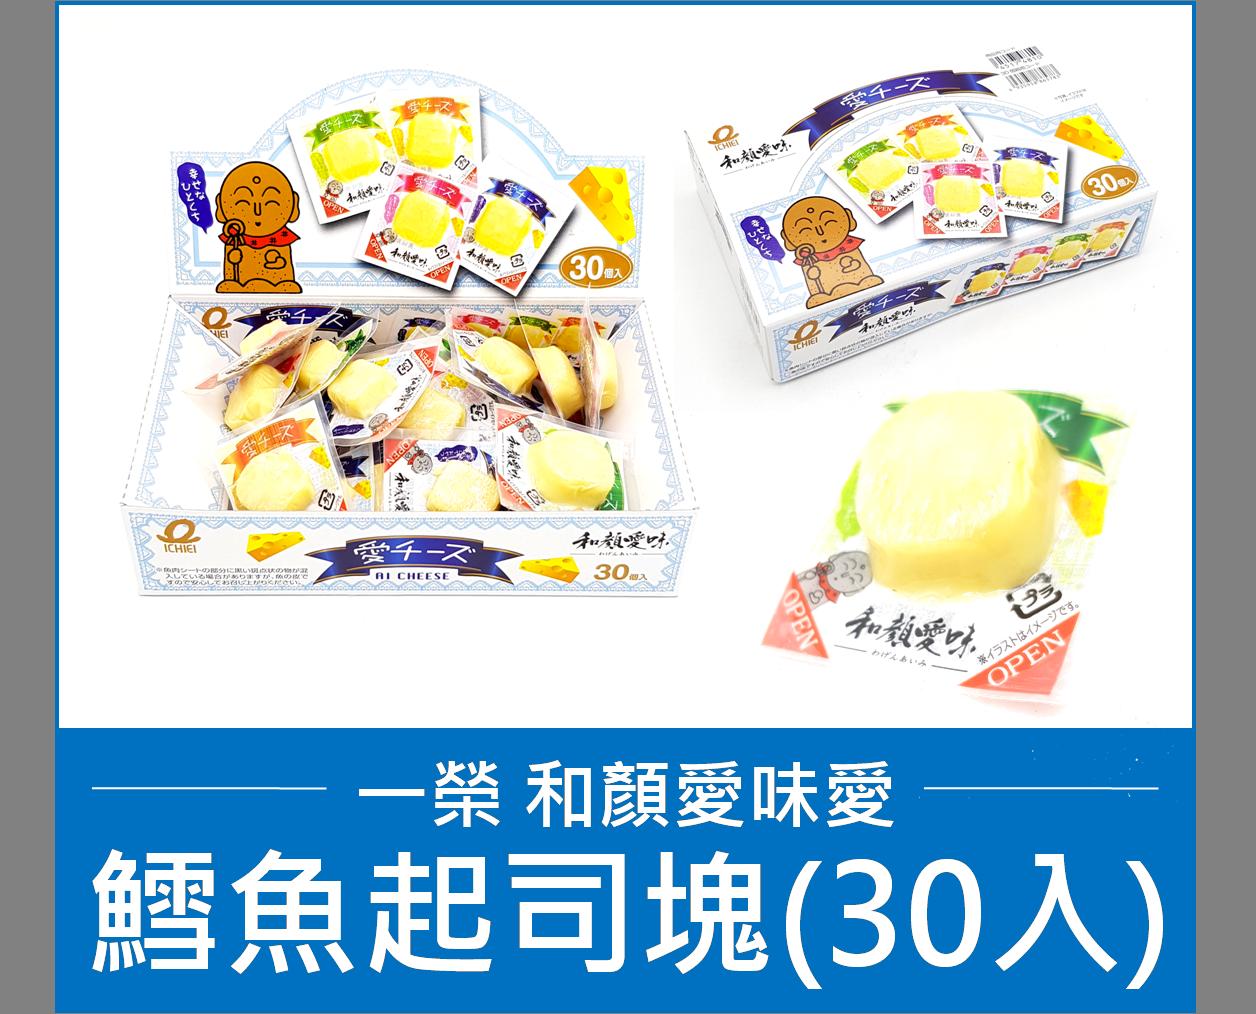 《Chara 微百貨》 日本 一榮 和顏 愛味愛 鱈魚 起司塊 盒裝30入 120g 單入 起司 日本必買